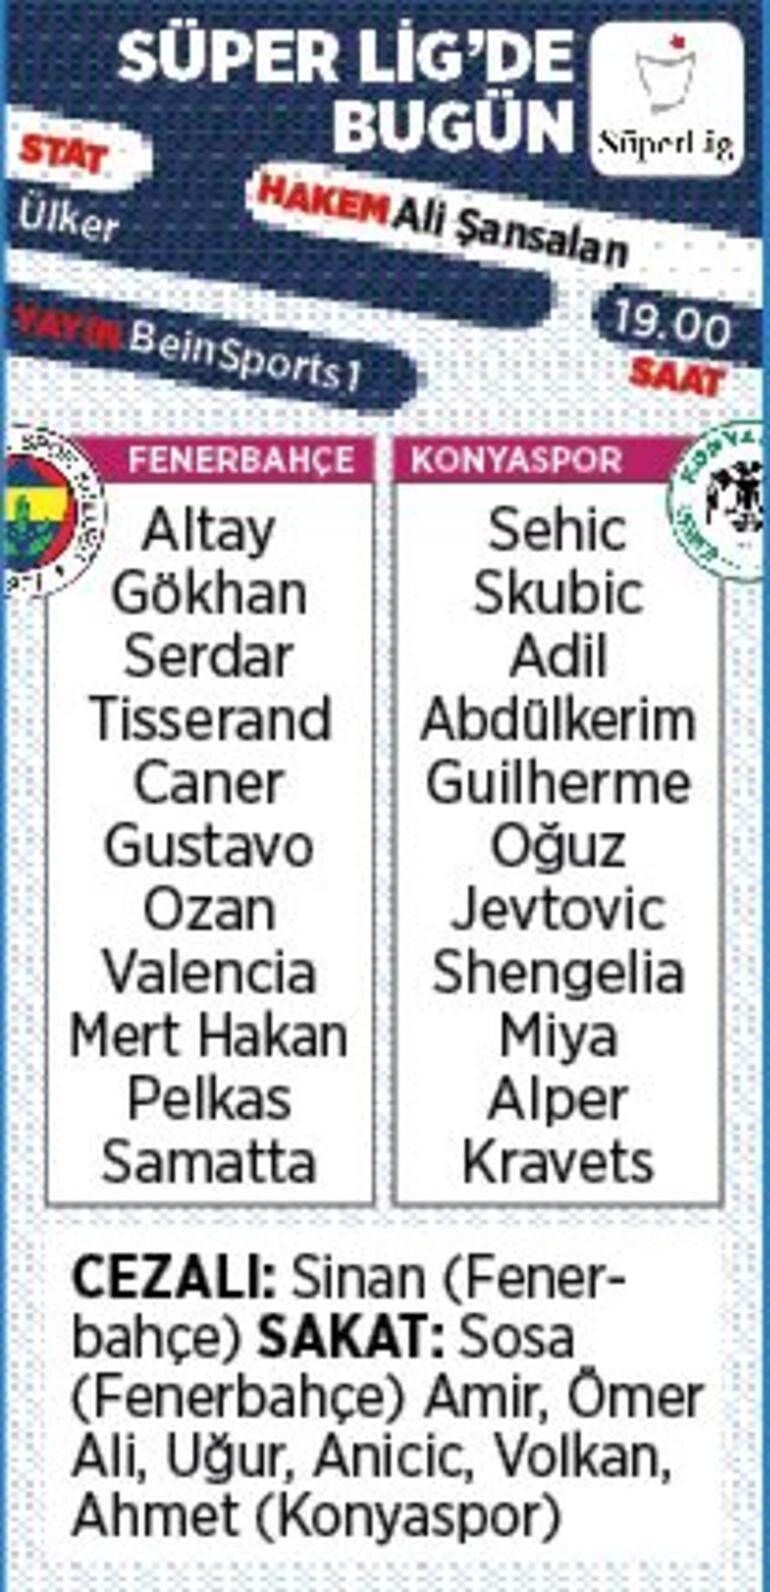 Son dakika - Fenerbahçede Sosa kadrodan çıktı İşte muhtemel 11...